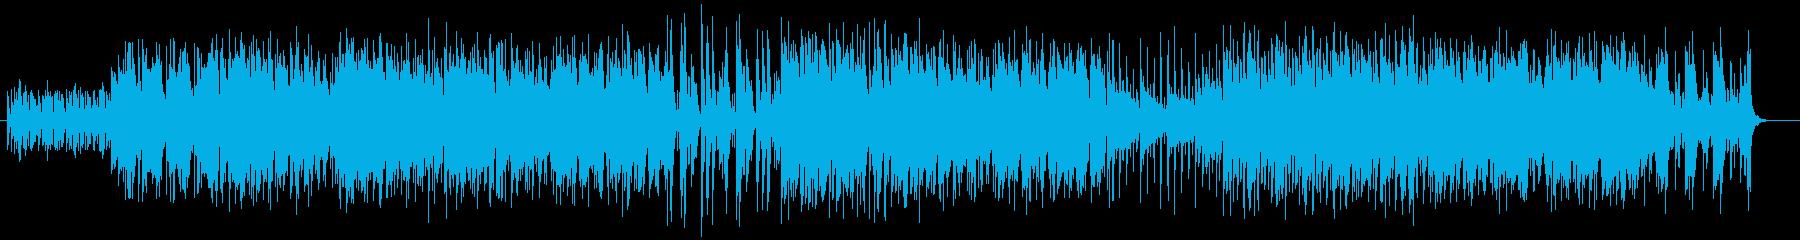 マラカスのリズムの音が効果的なポップ曲の再生済みの波形